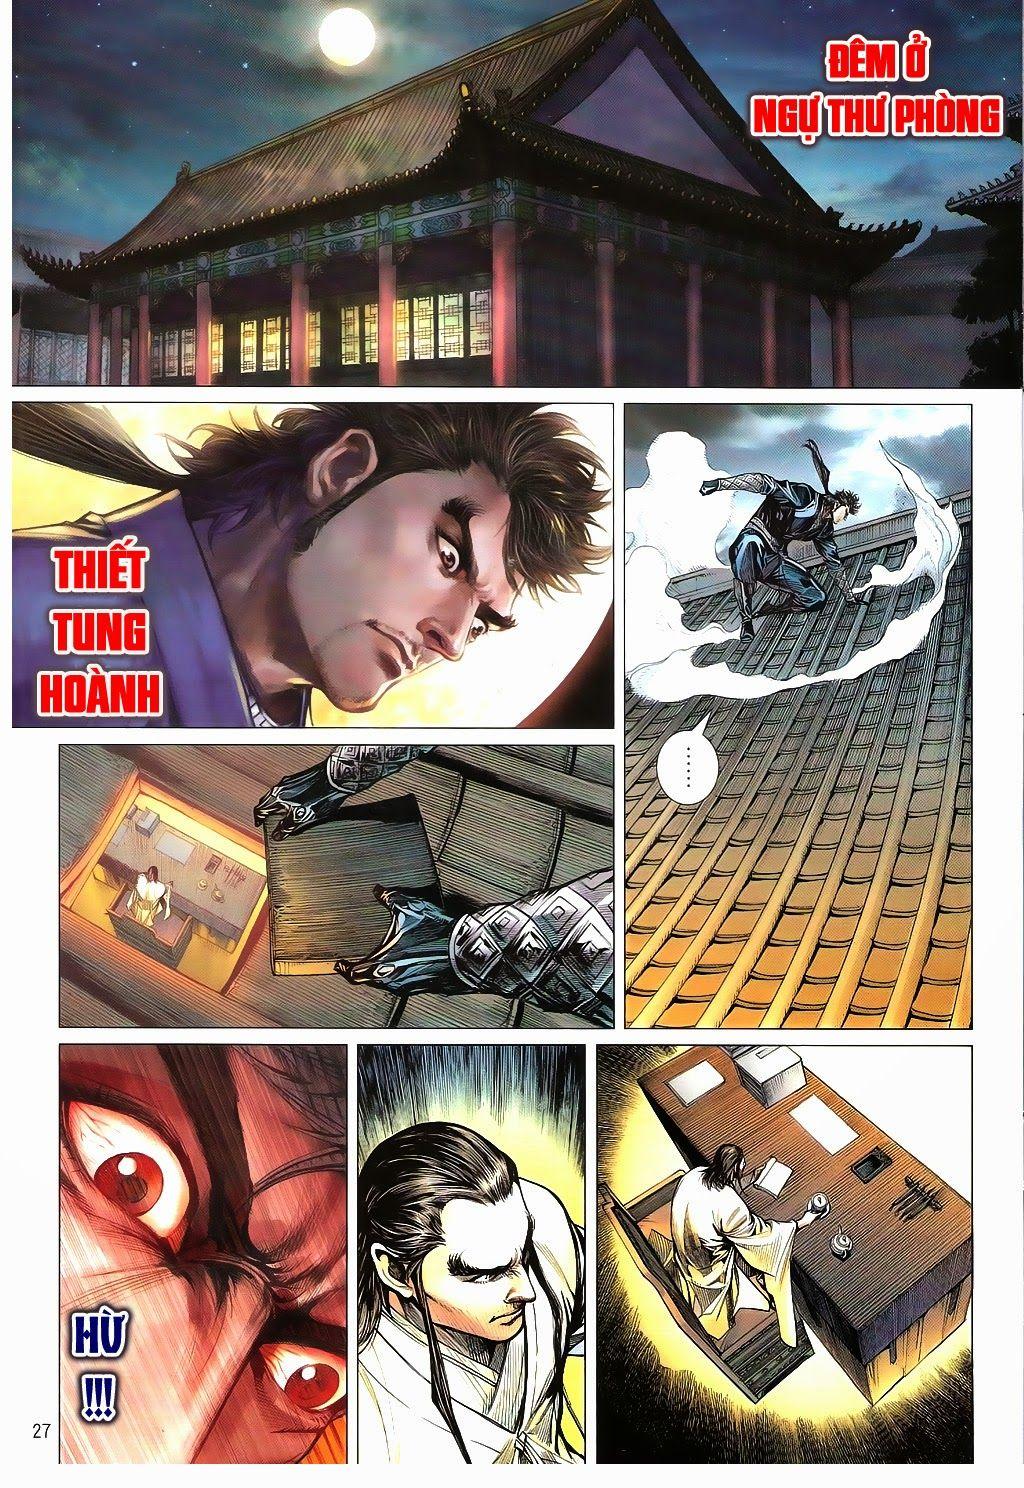 truyện tranh thiết tướng tung hoành Chapter 92/